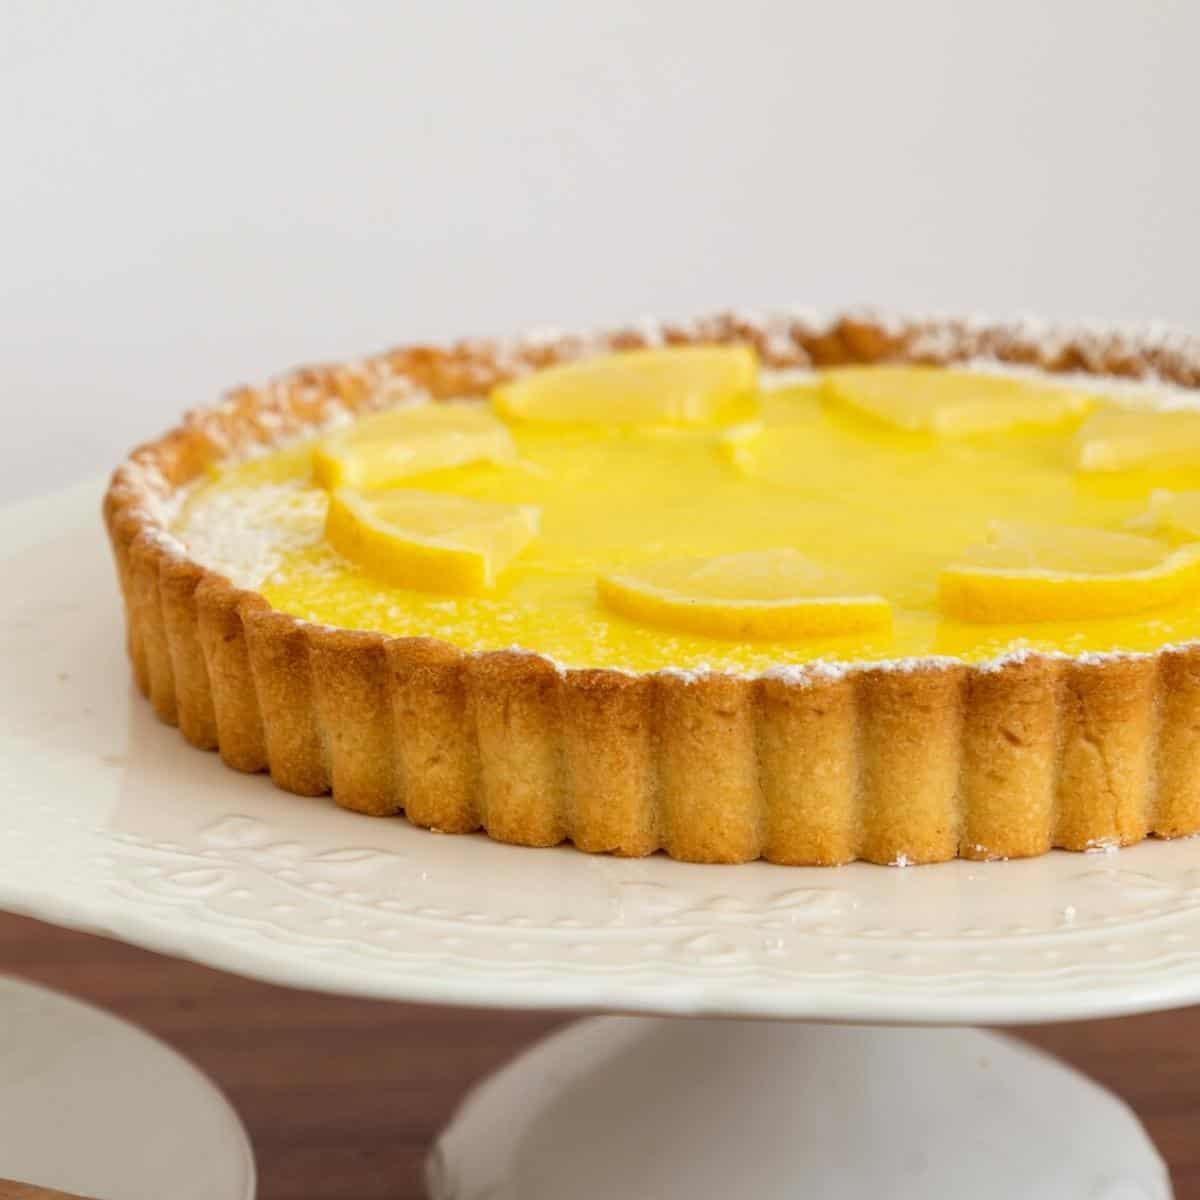 A lemon tart using shortcrust pastry.